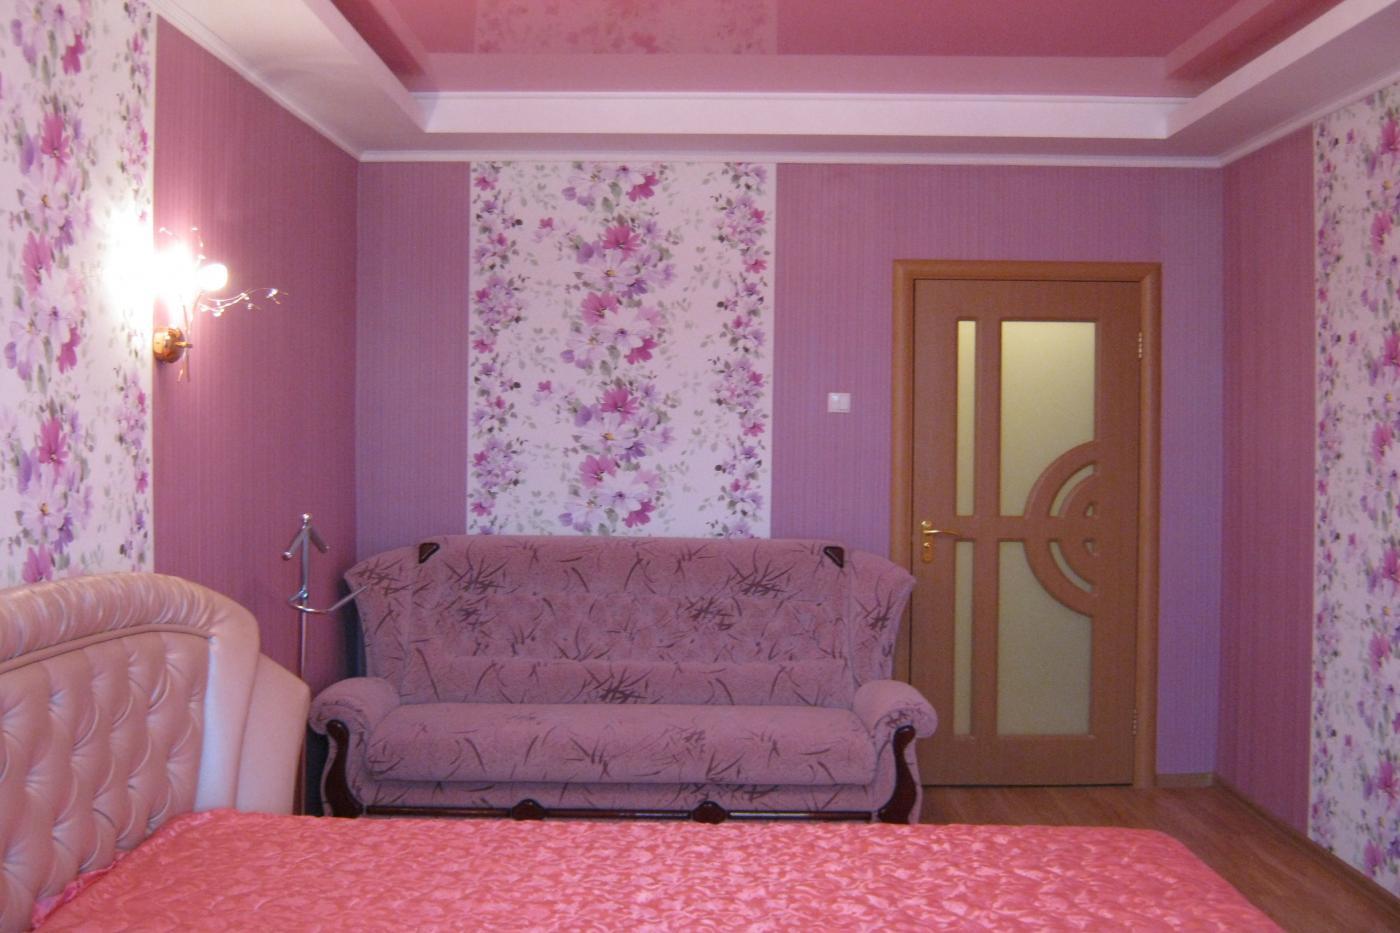 1-комнатная квартира посуточно (вариант № 1547), ул. Пожарова улица, фото № 8